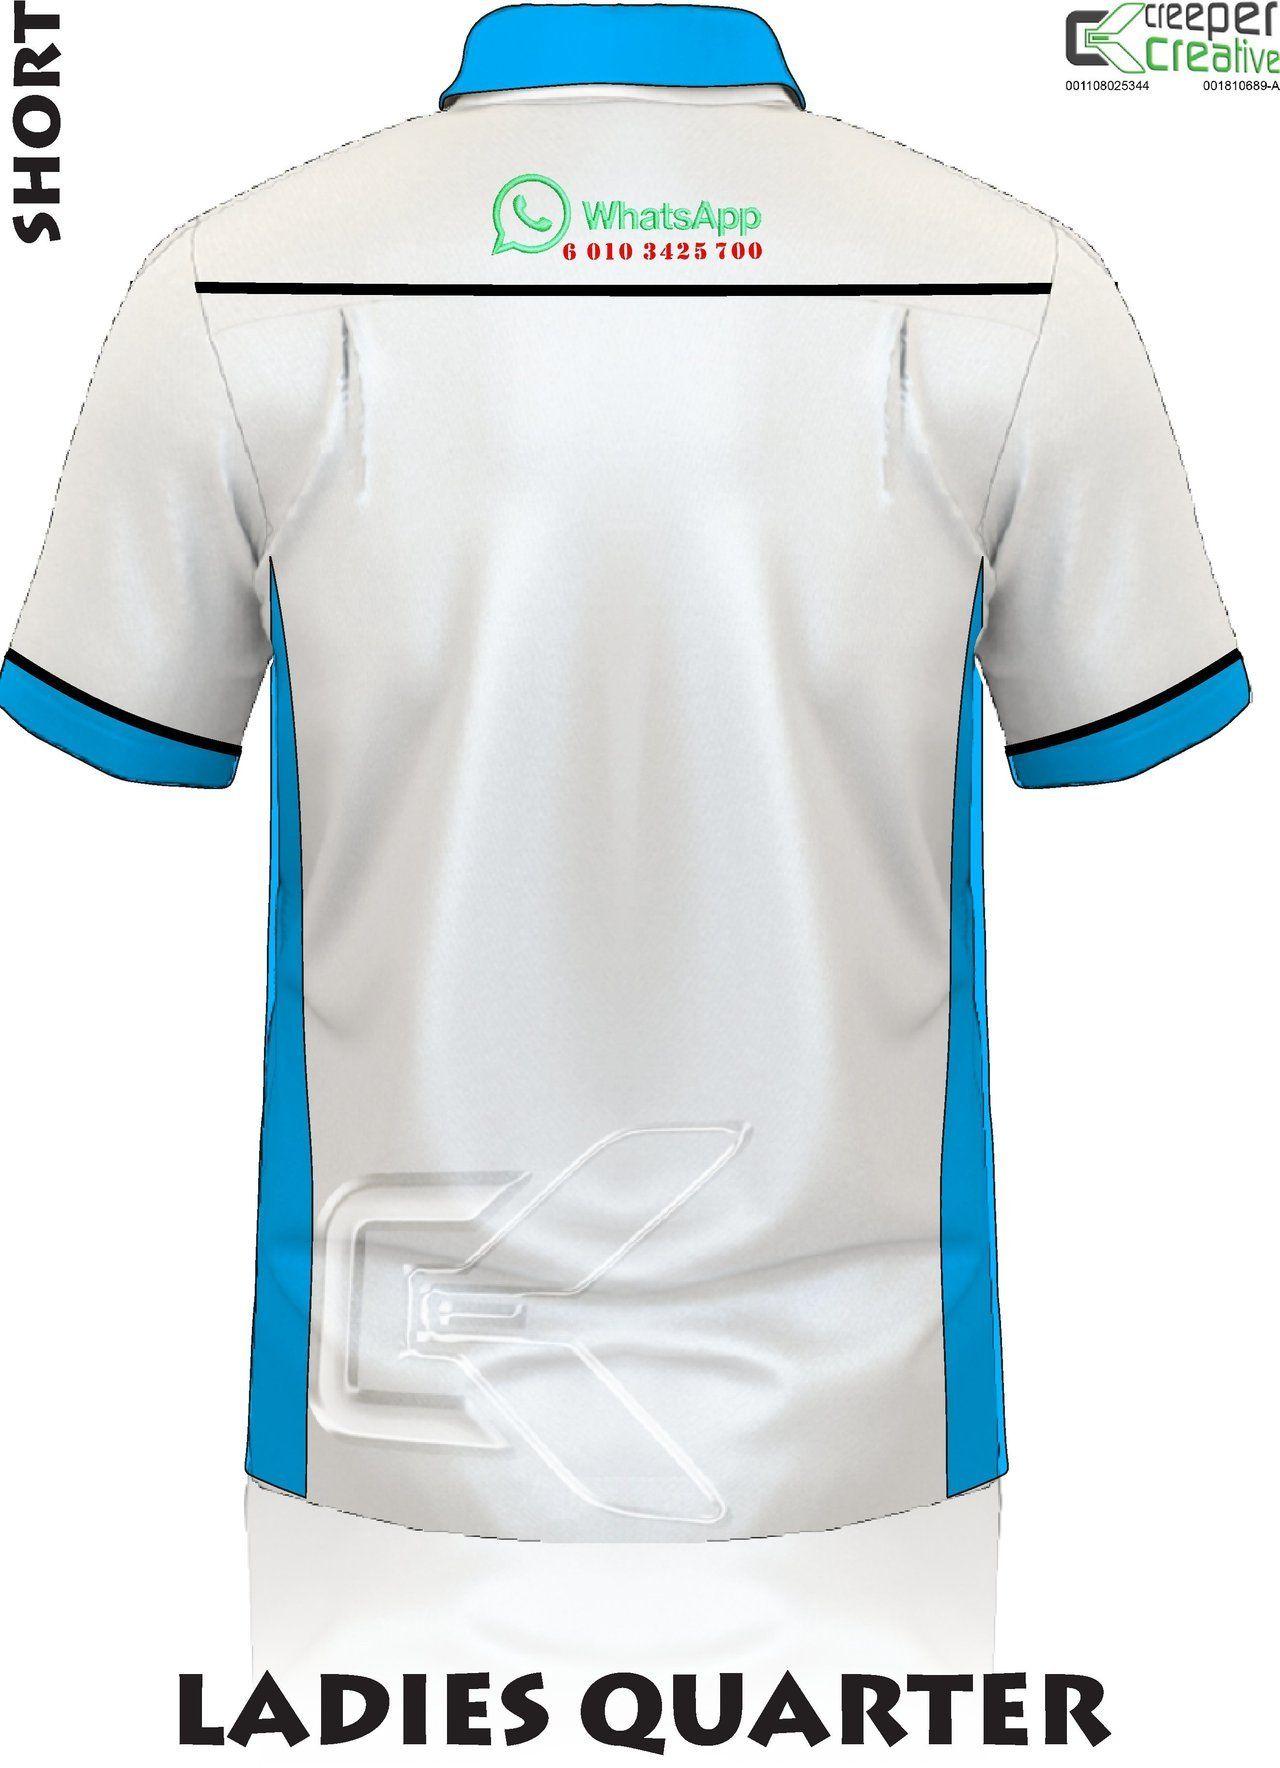 Shirt for Mens Corporate shirts, Mens shirts, Shirts